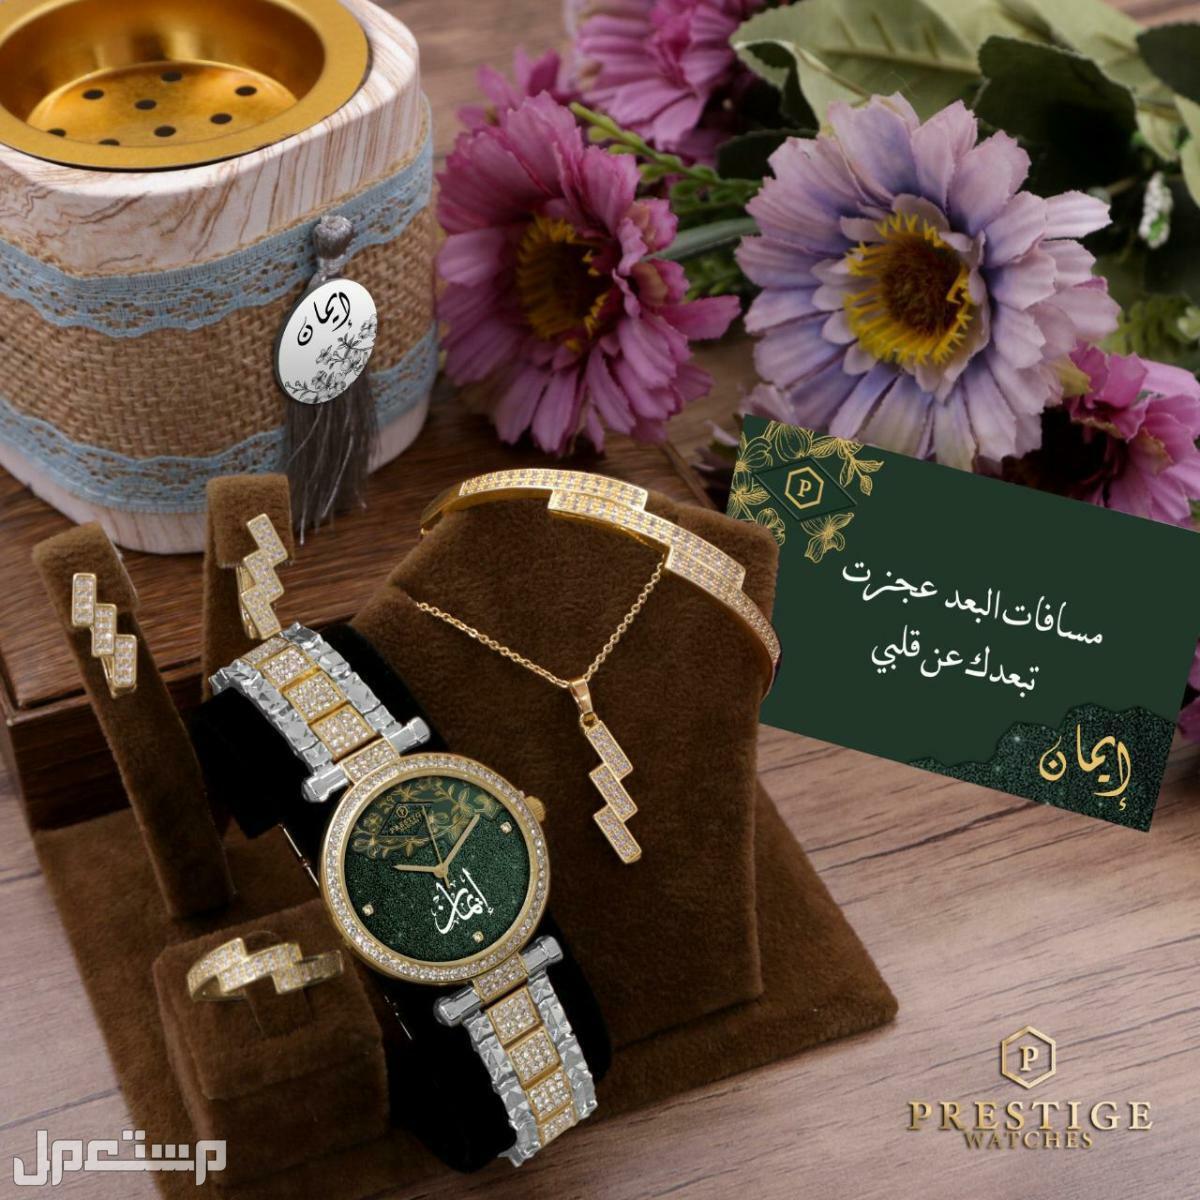 اطقم ساعات خطوبه وهدايا مع تفصيل الاسم حسب الطلب